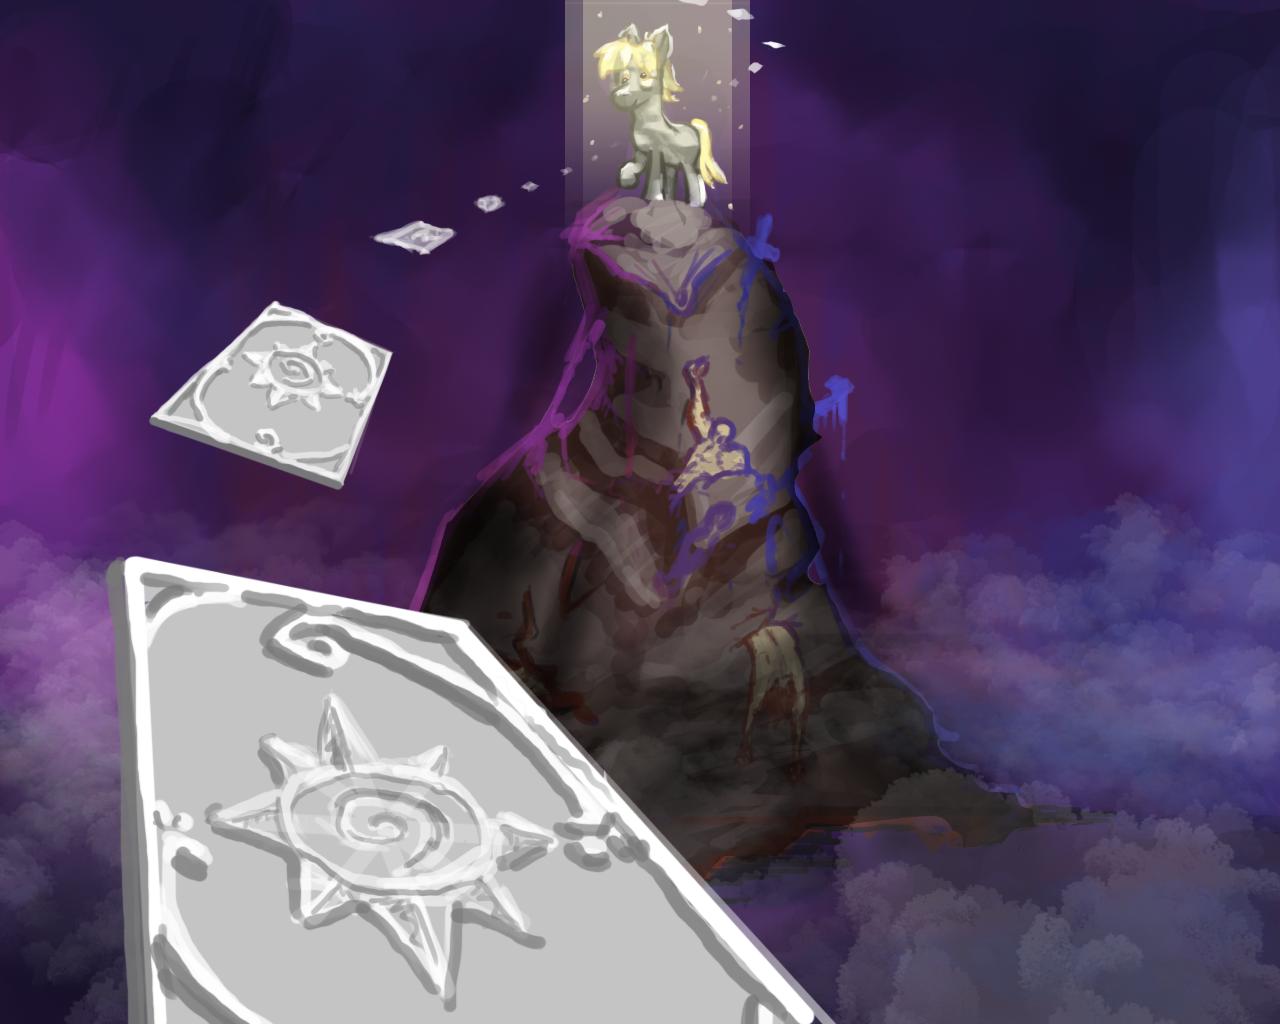 Doodle post torment - Изображение 1